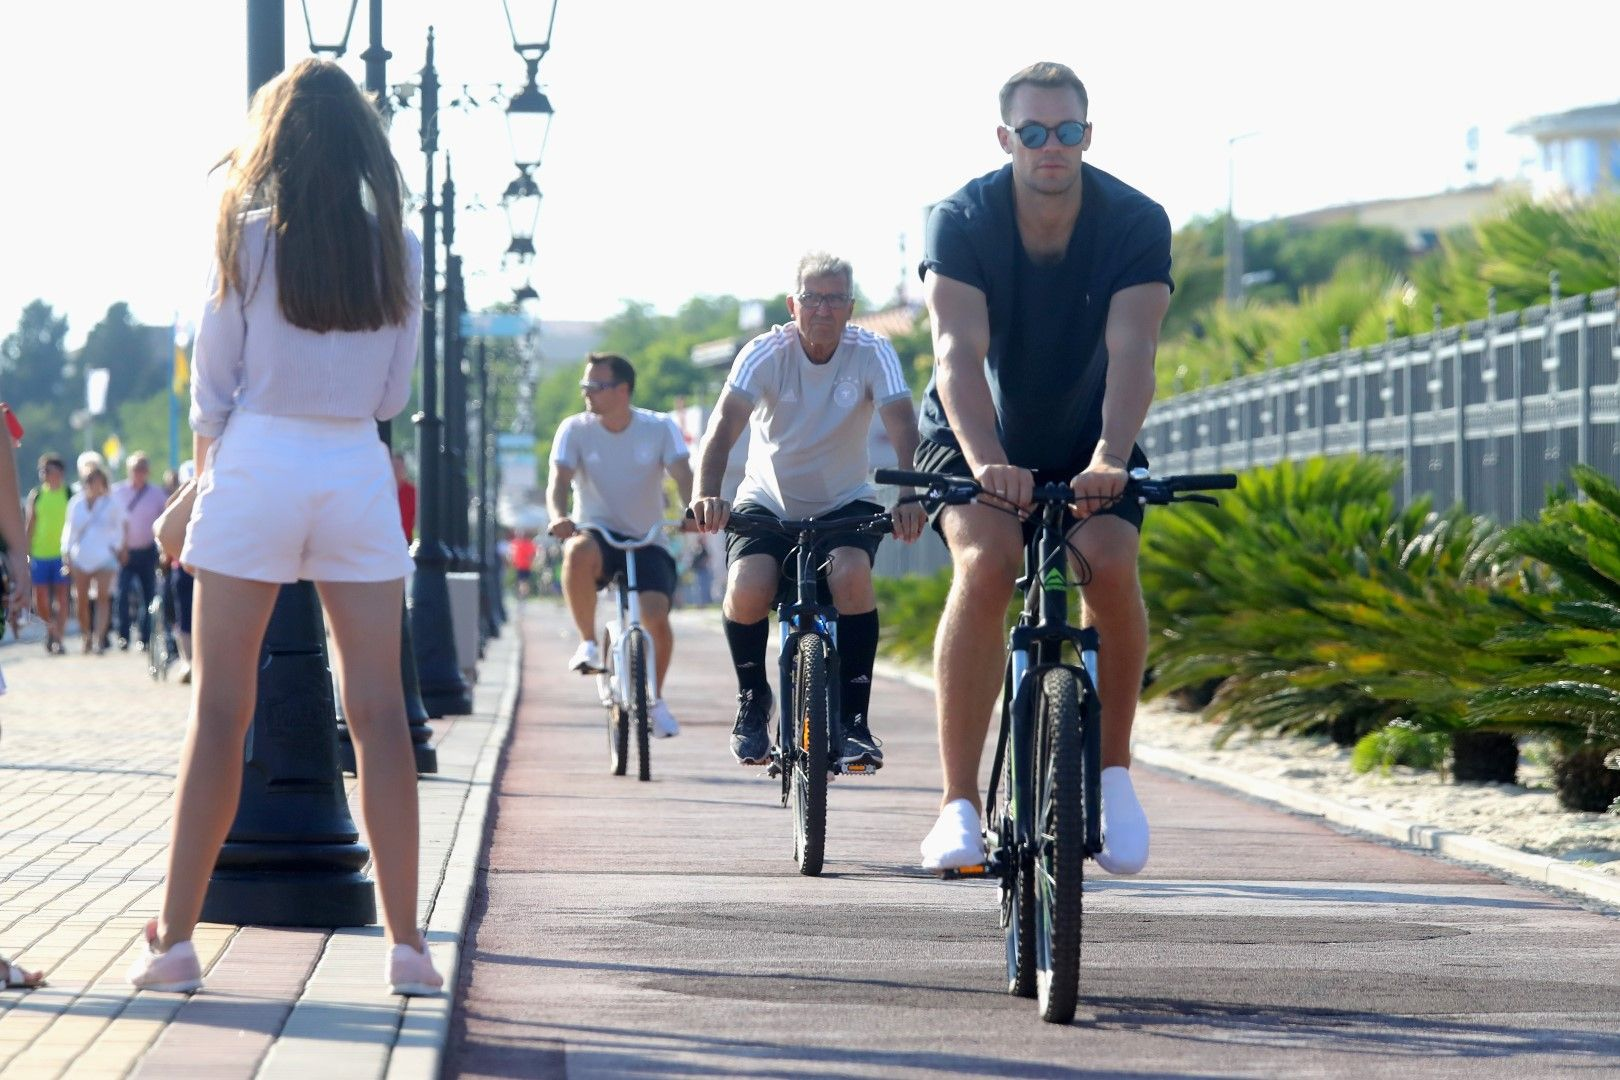 Мануел Нойер и германците опитват да се концентрират с каране на велосипеди, но не им е лесно - с такива руски девойки край лагера им...